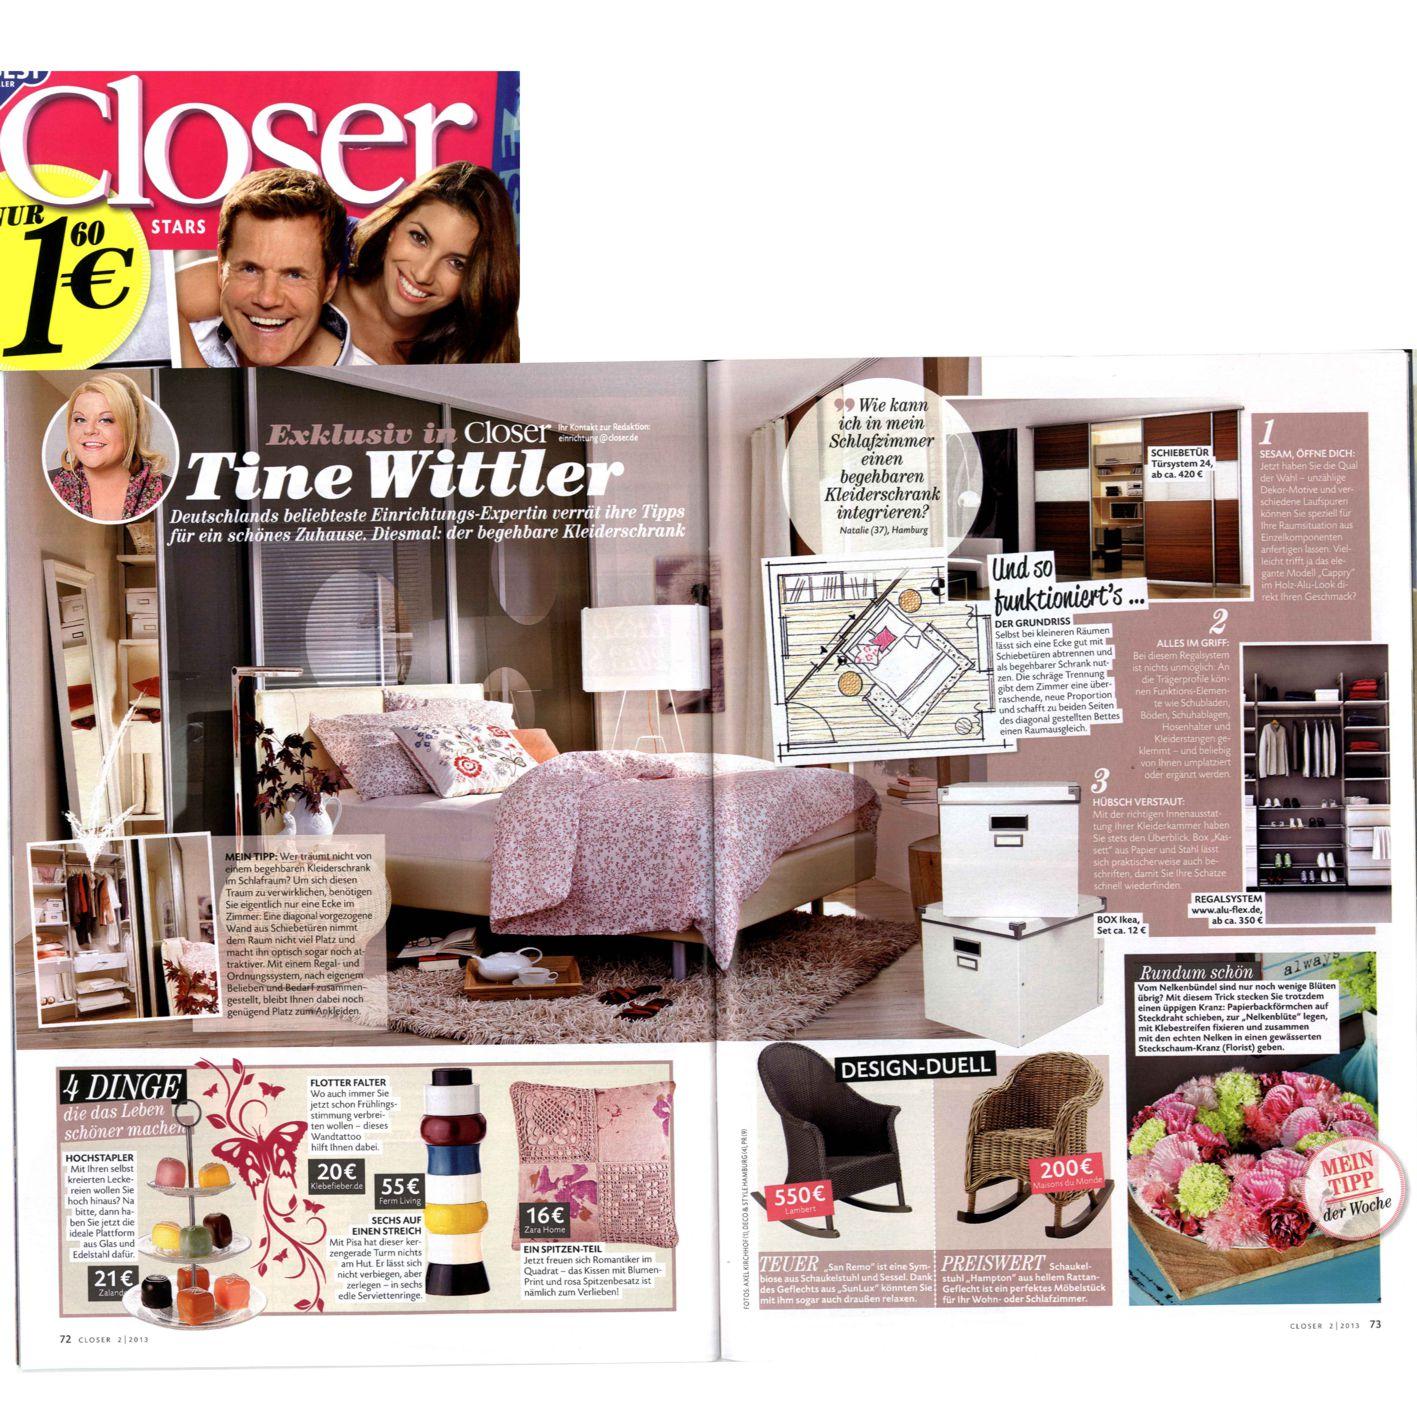 klebefieber schlafzimmer otto versand schlafzimmer set ideen braun rot bettw sche 2x2. Black Bedroom Furniture Sets. Home Design Ideas